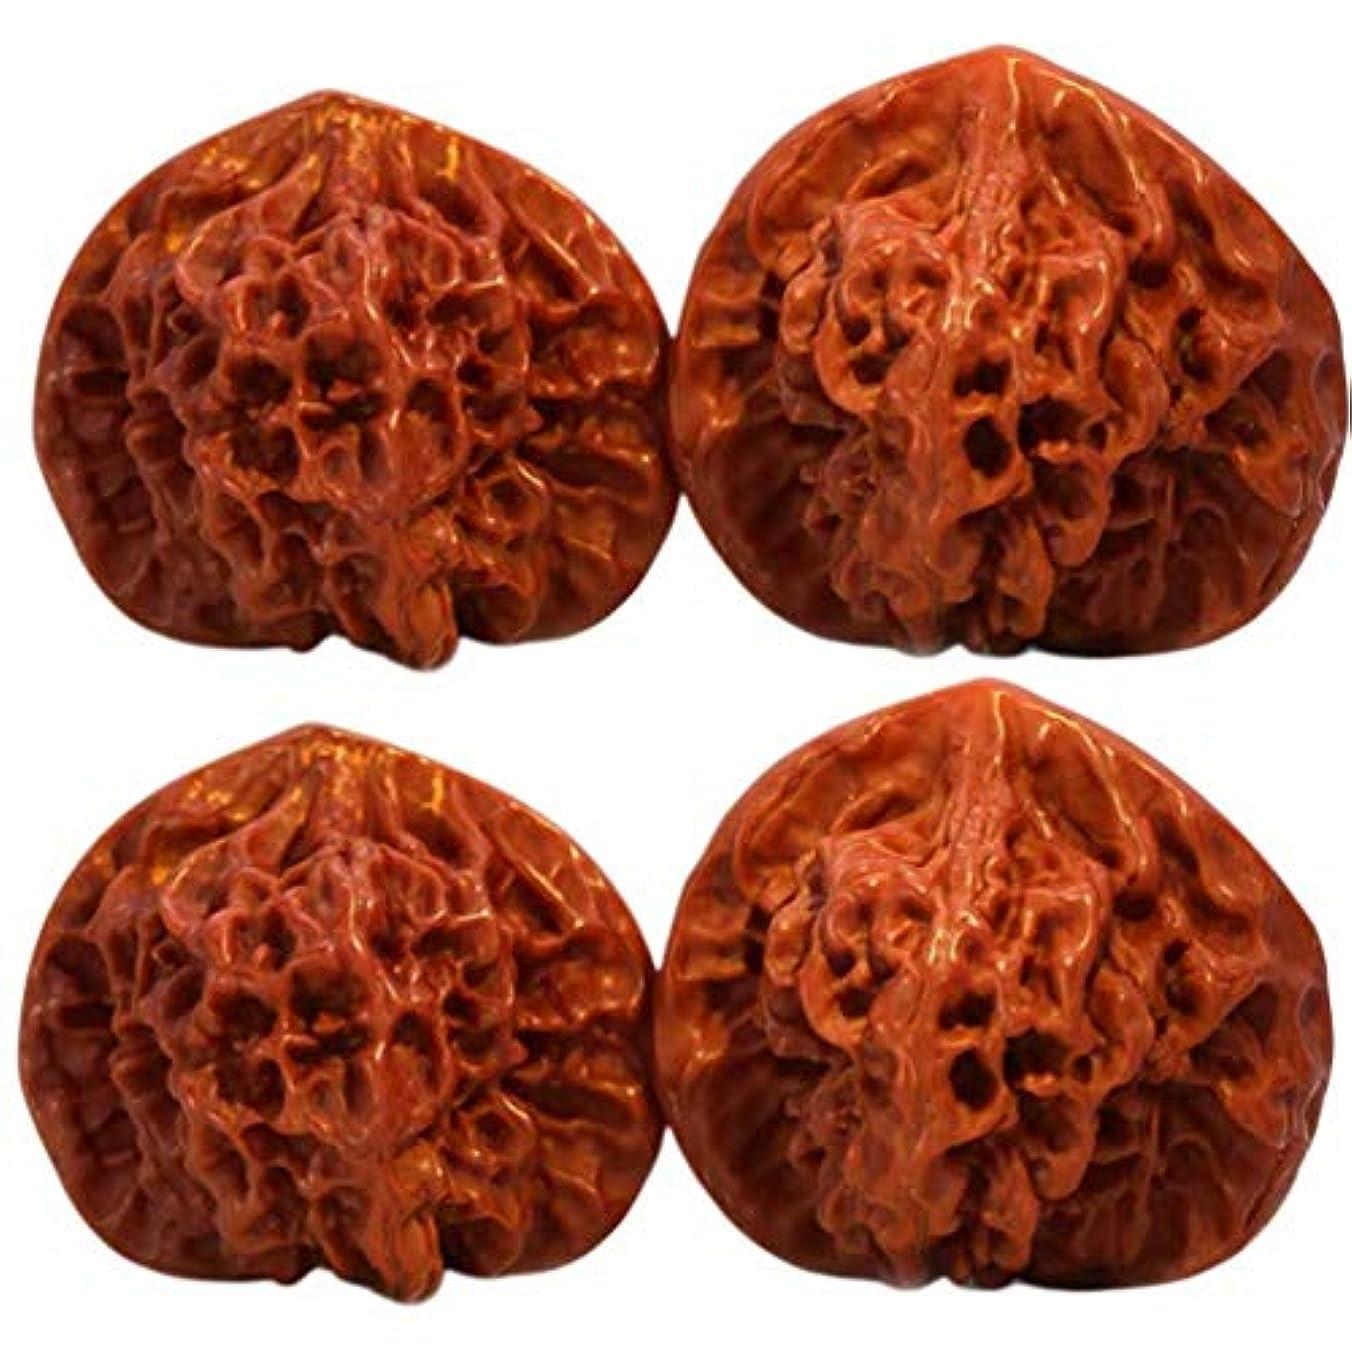 急行する作者銀河Healifty 4ピースマッサージボール深部組織ボールクルミ形状手掌鍼ボール血液循環筋肉crossfitモビリティ